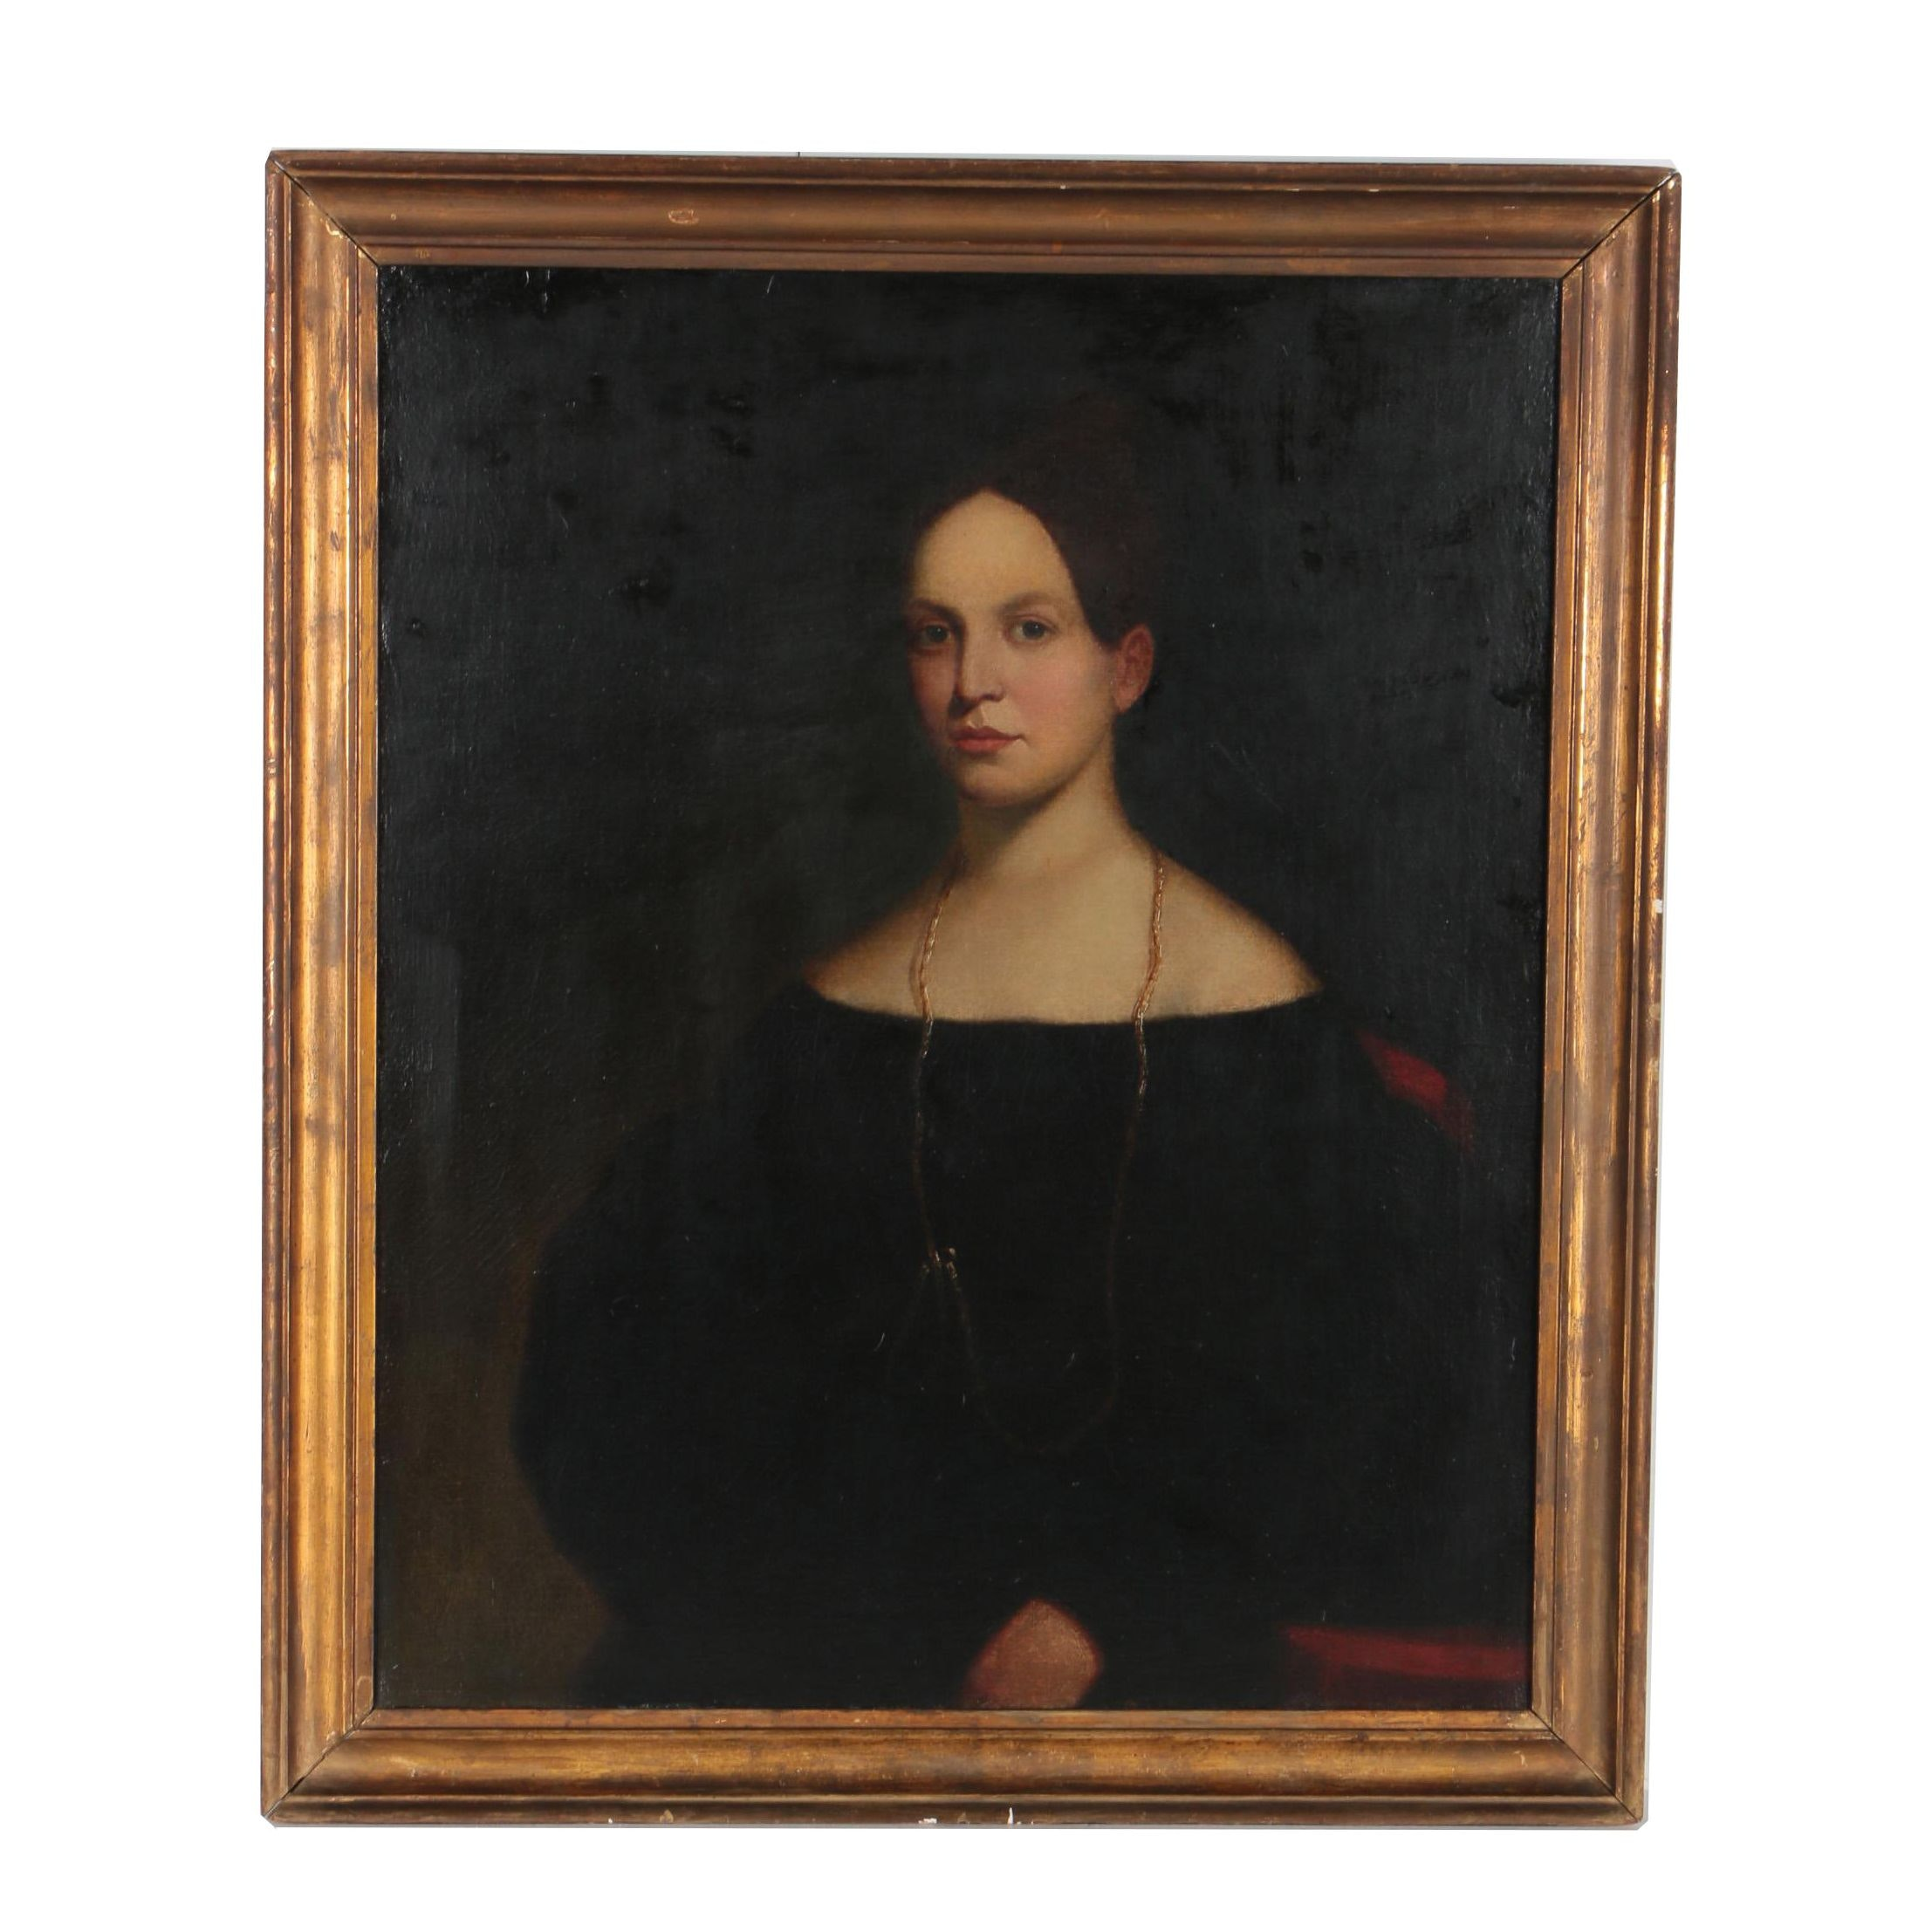 Antique Oil Painting Portrait of a Woman